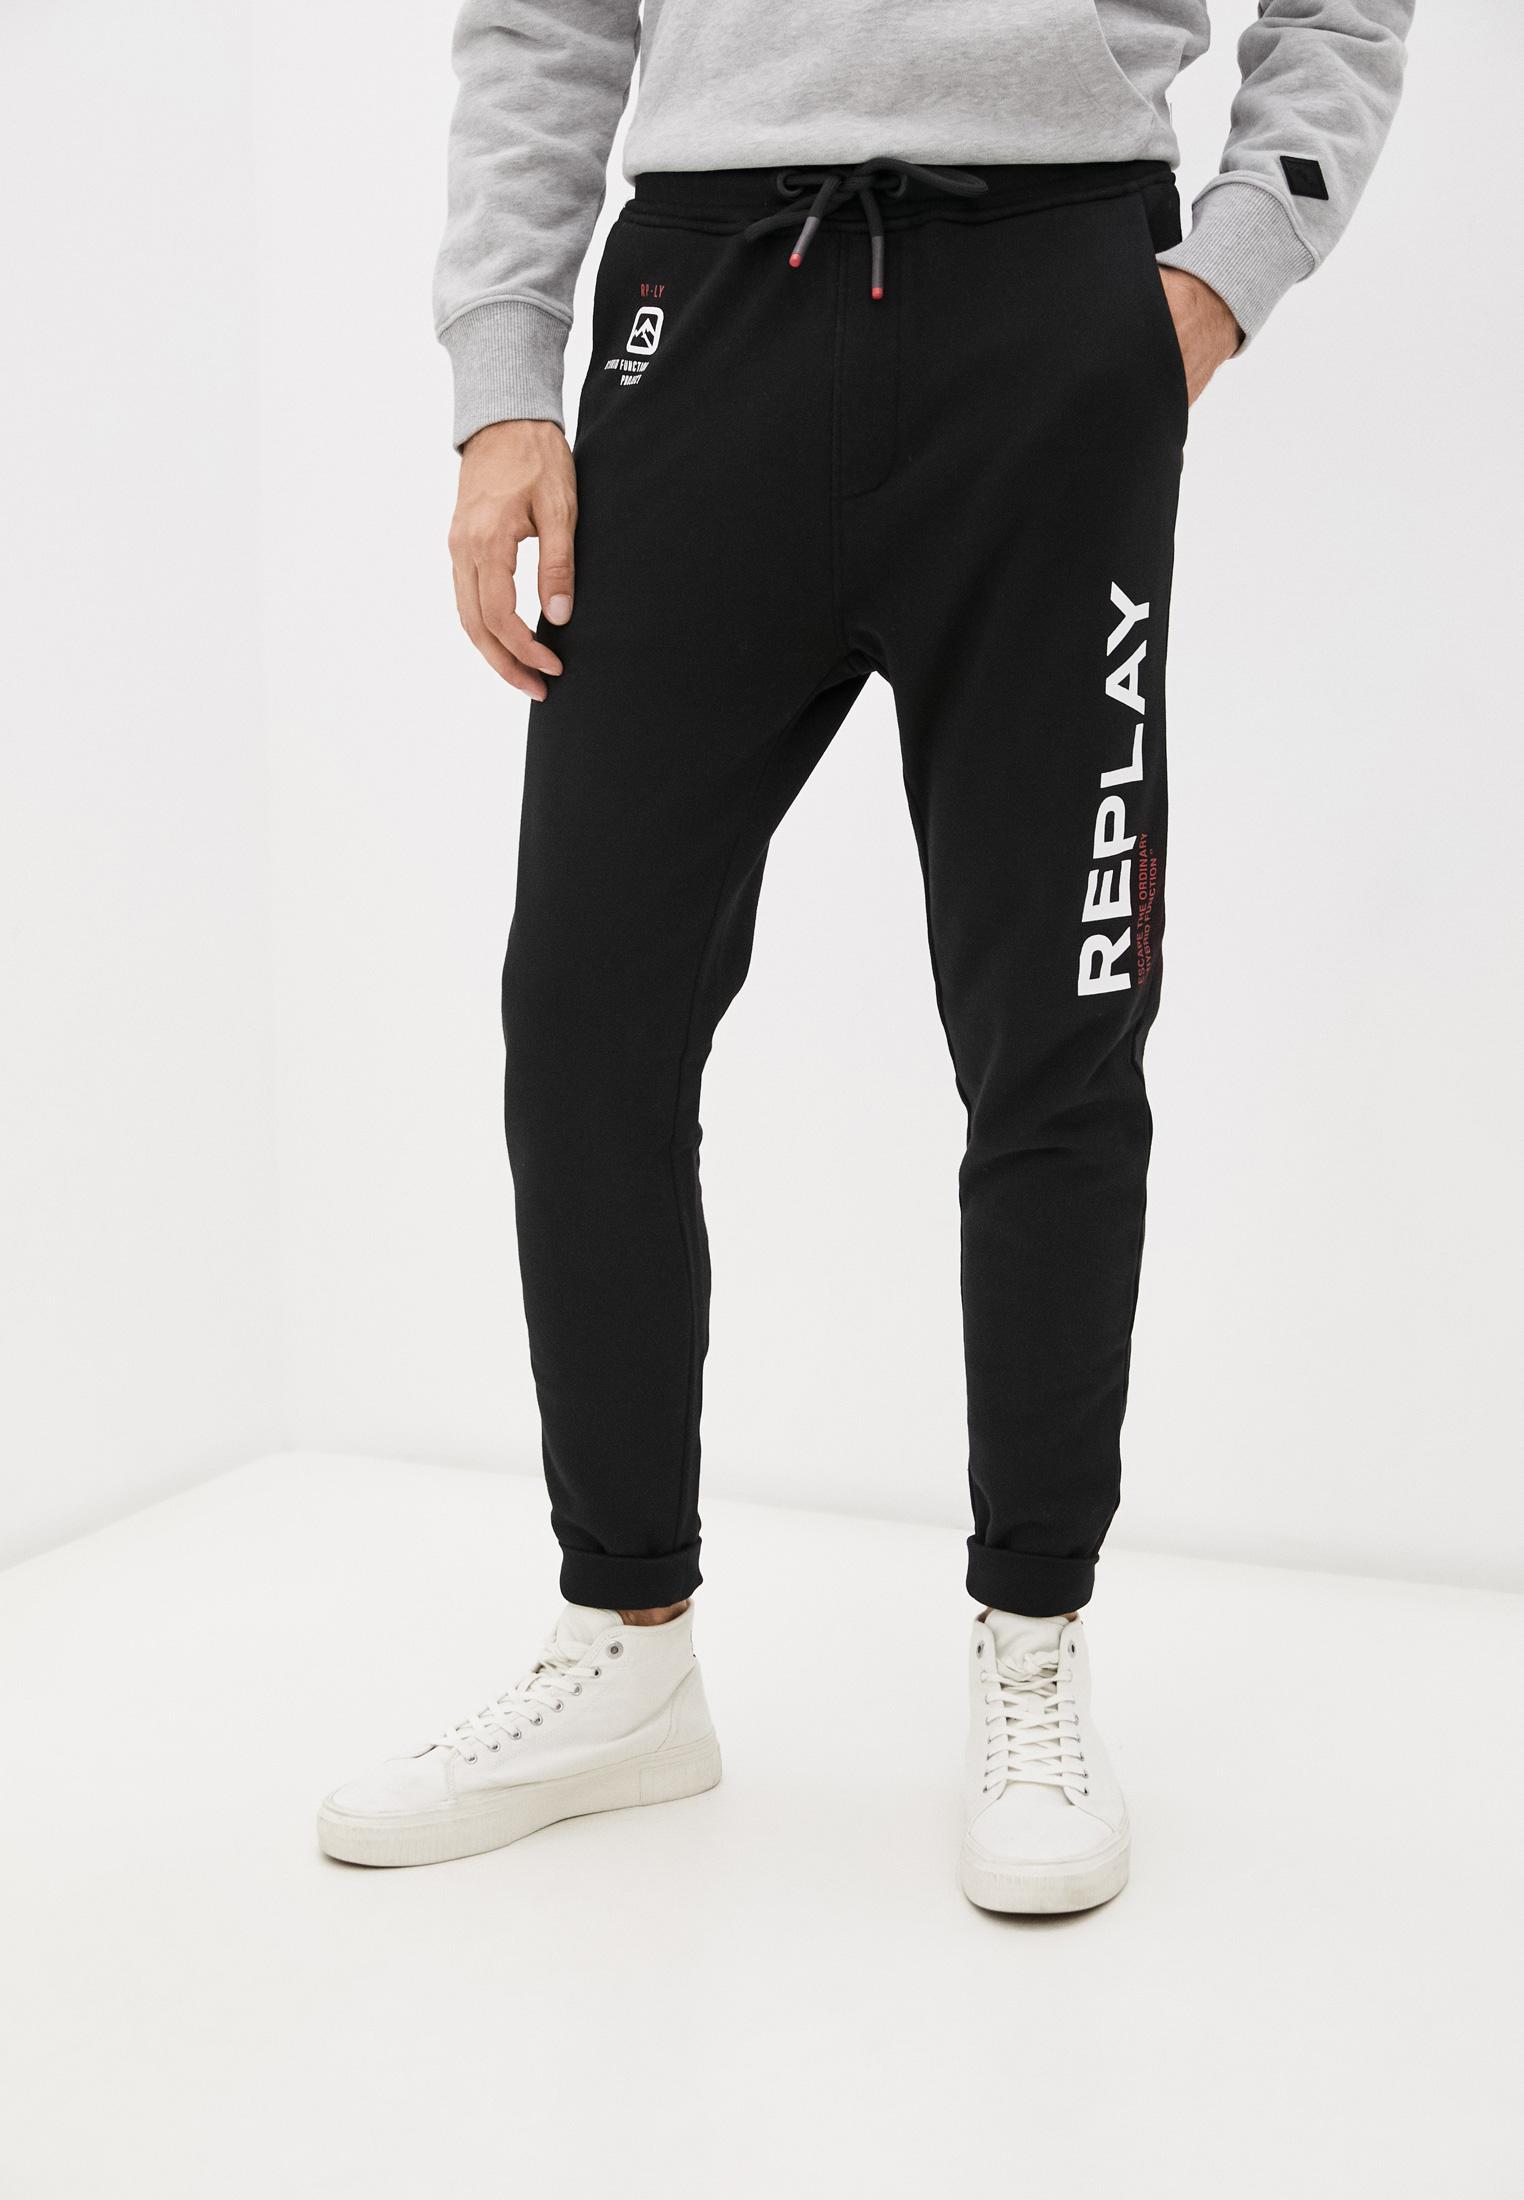 Мужские спортивные брюки Replay (Реплей) M9786.000.21842